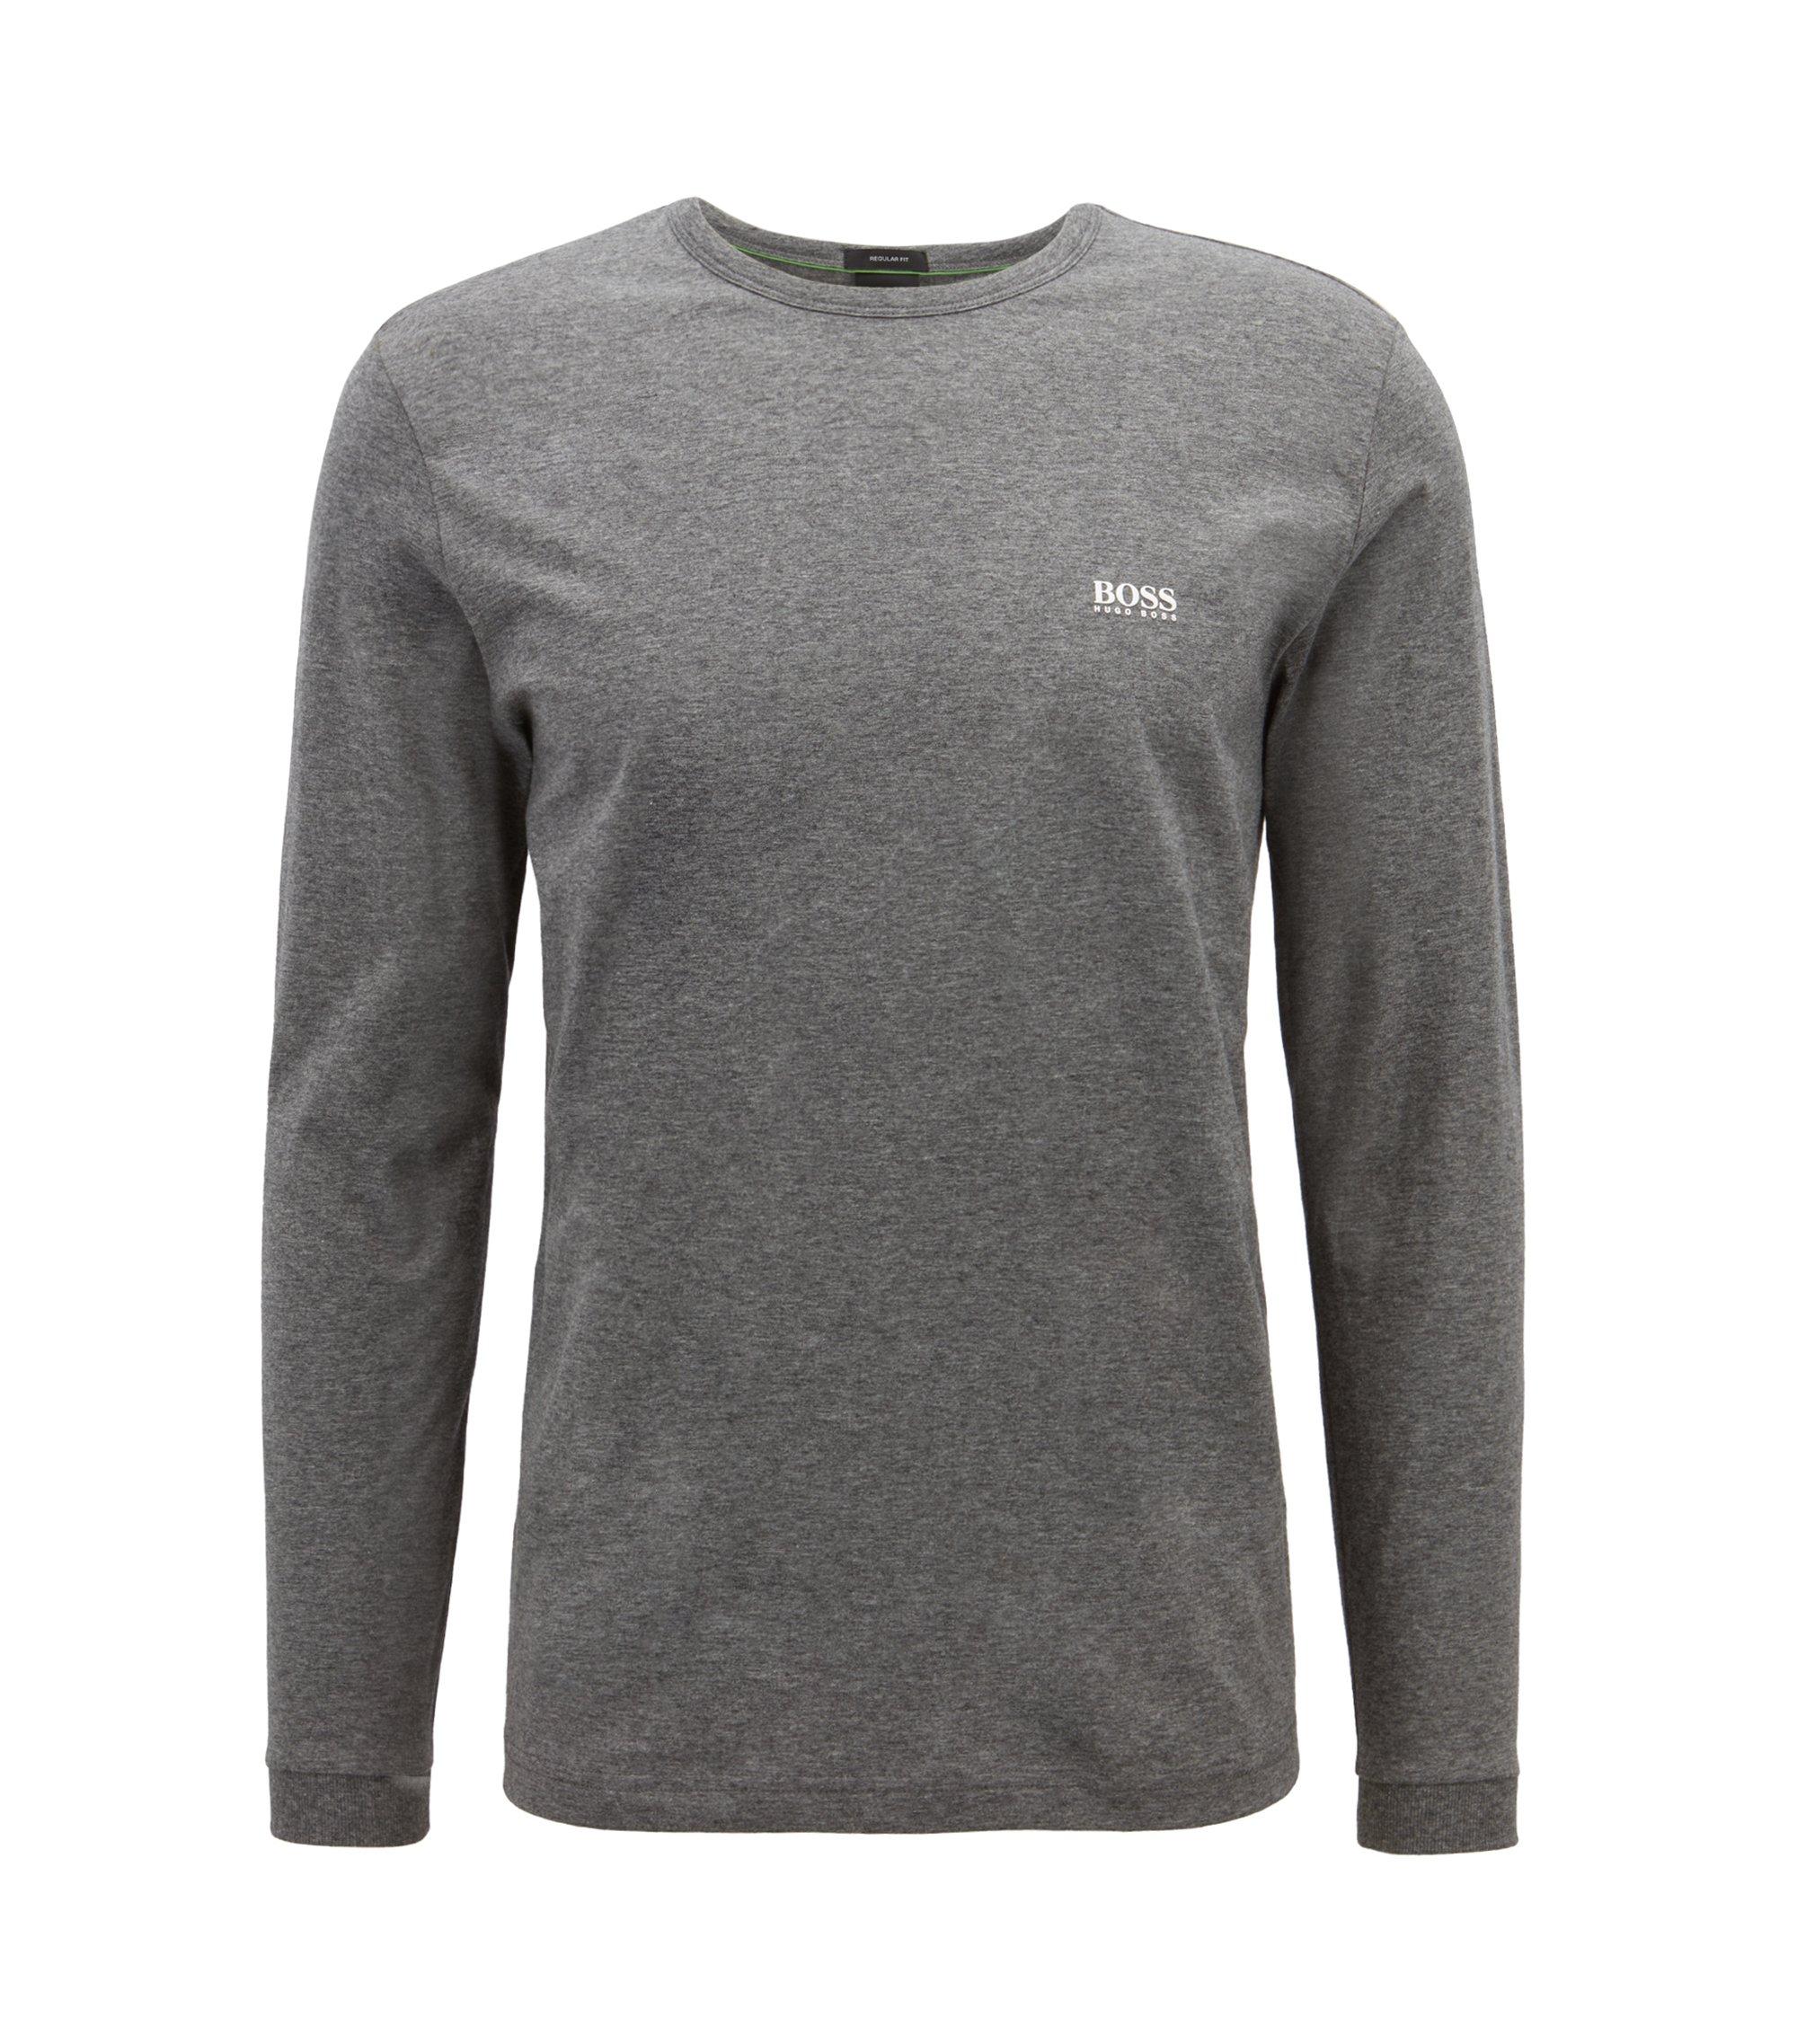 Katoenen T-shirt met lange mouwen en schouderlogo, Grijs